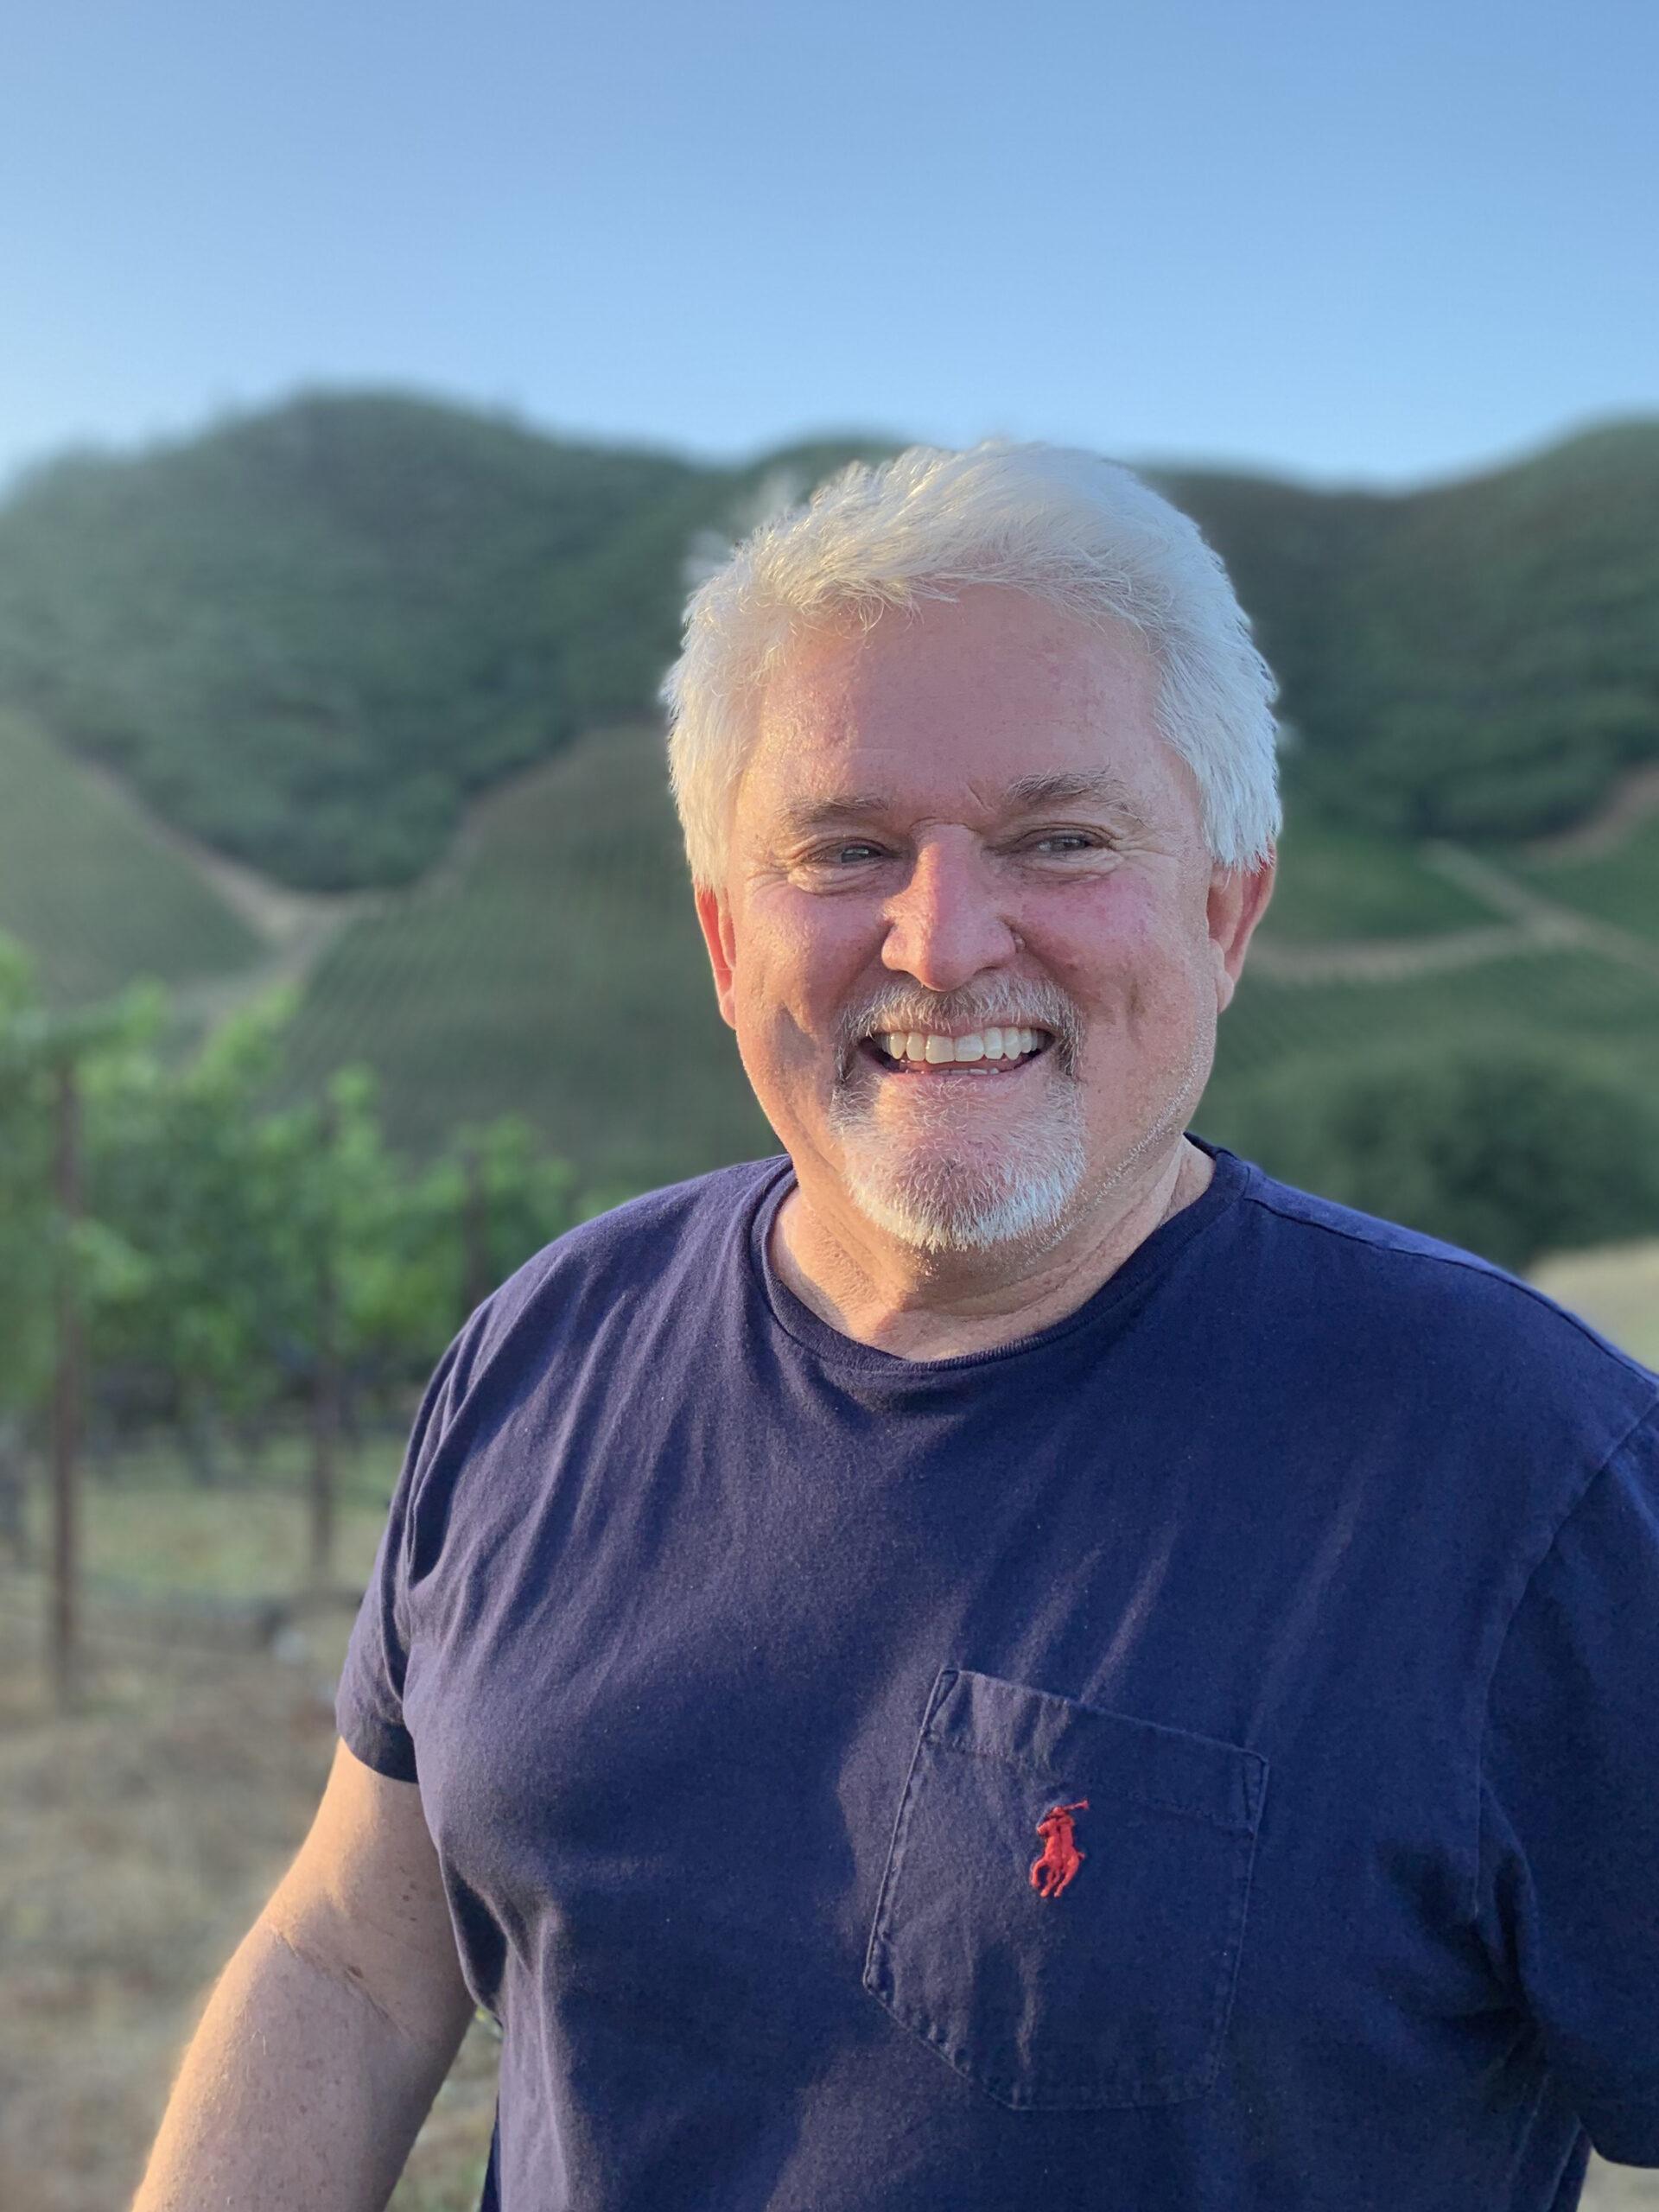 Brian Klassen Wines